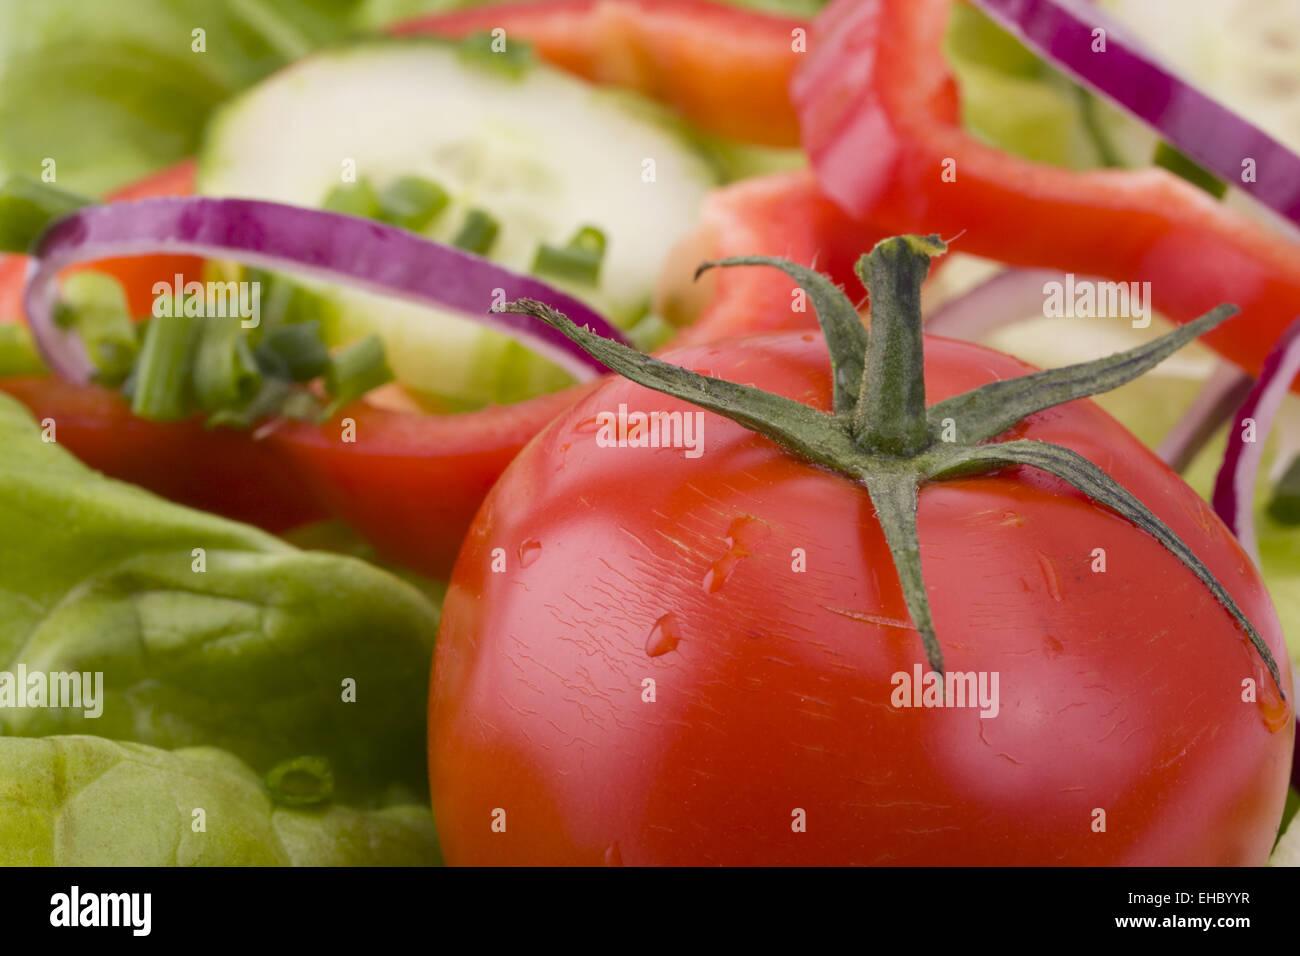 Nahaufnahme einer Tomate auf einem Salatbett - Stock Image